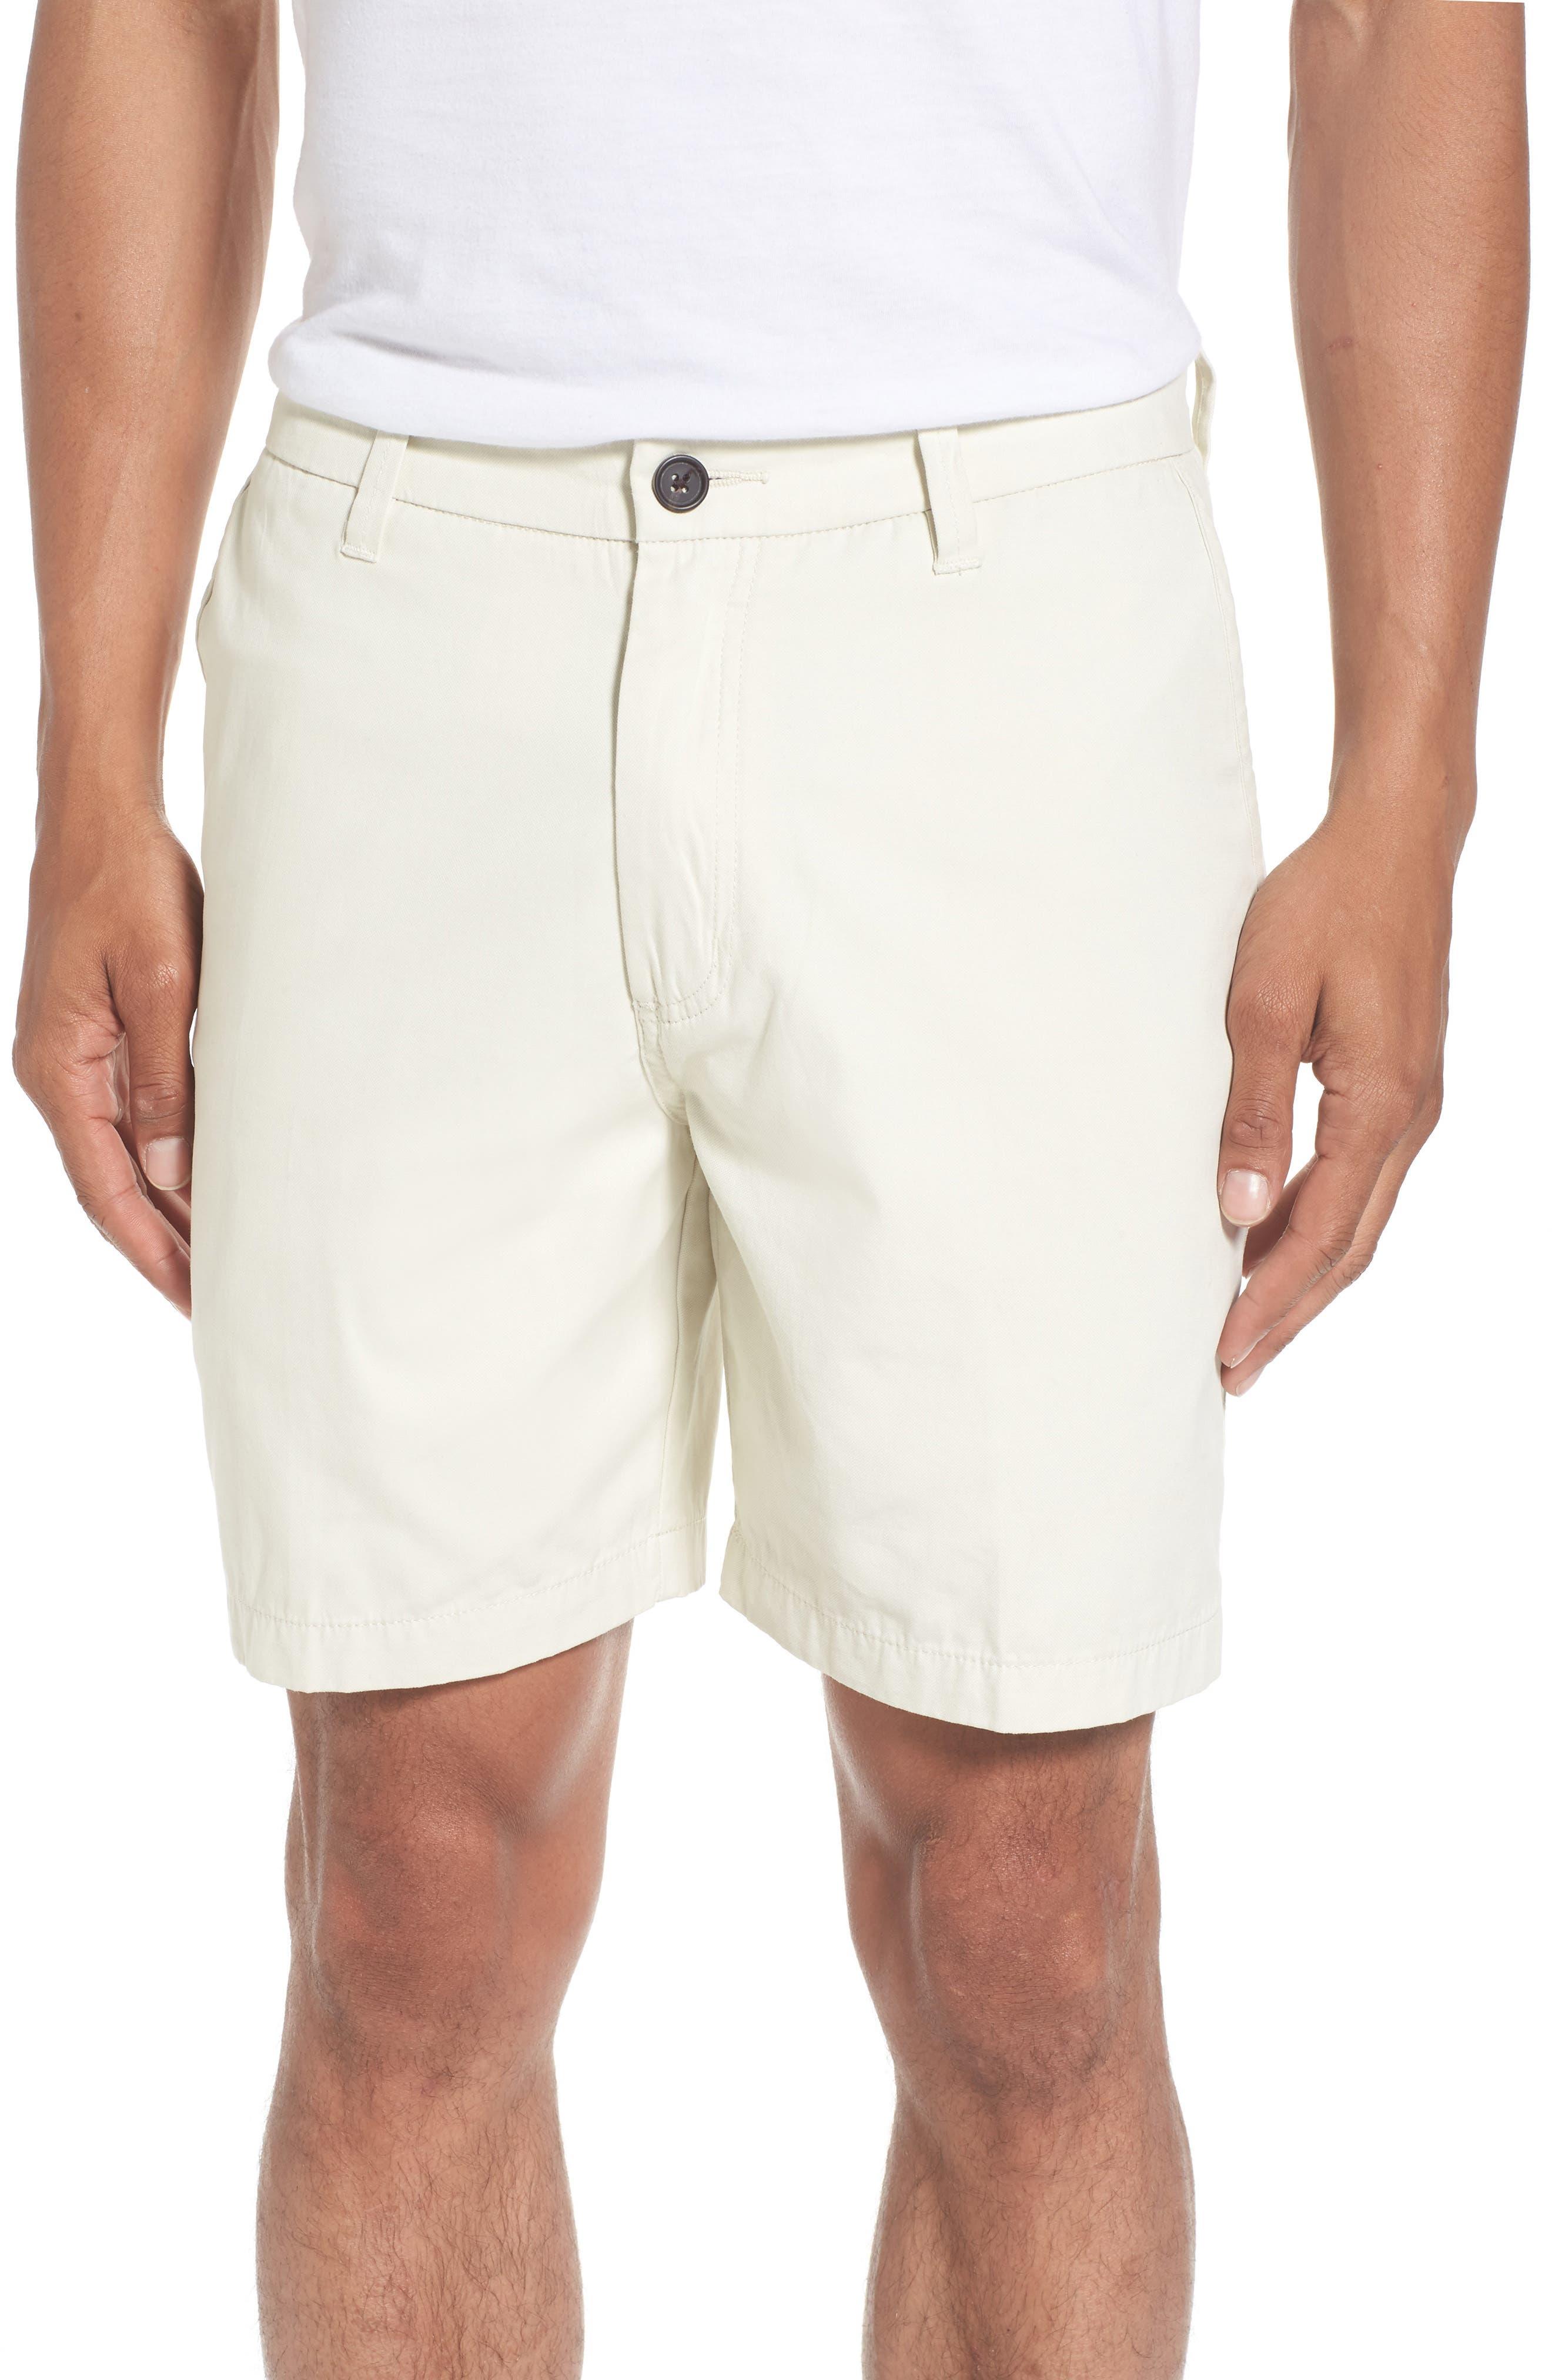 Shortie Chino Shorts,                             Main thumbnail 1, color,                             108